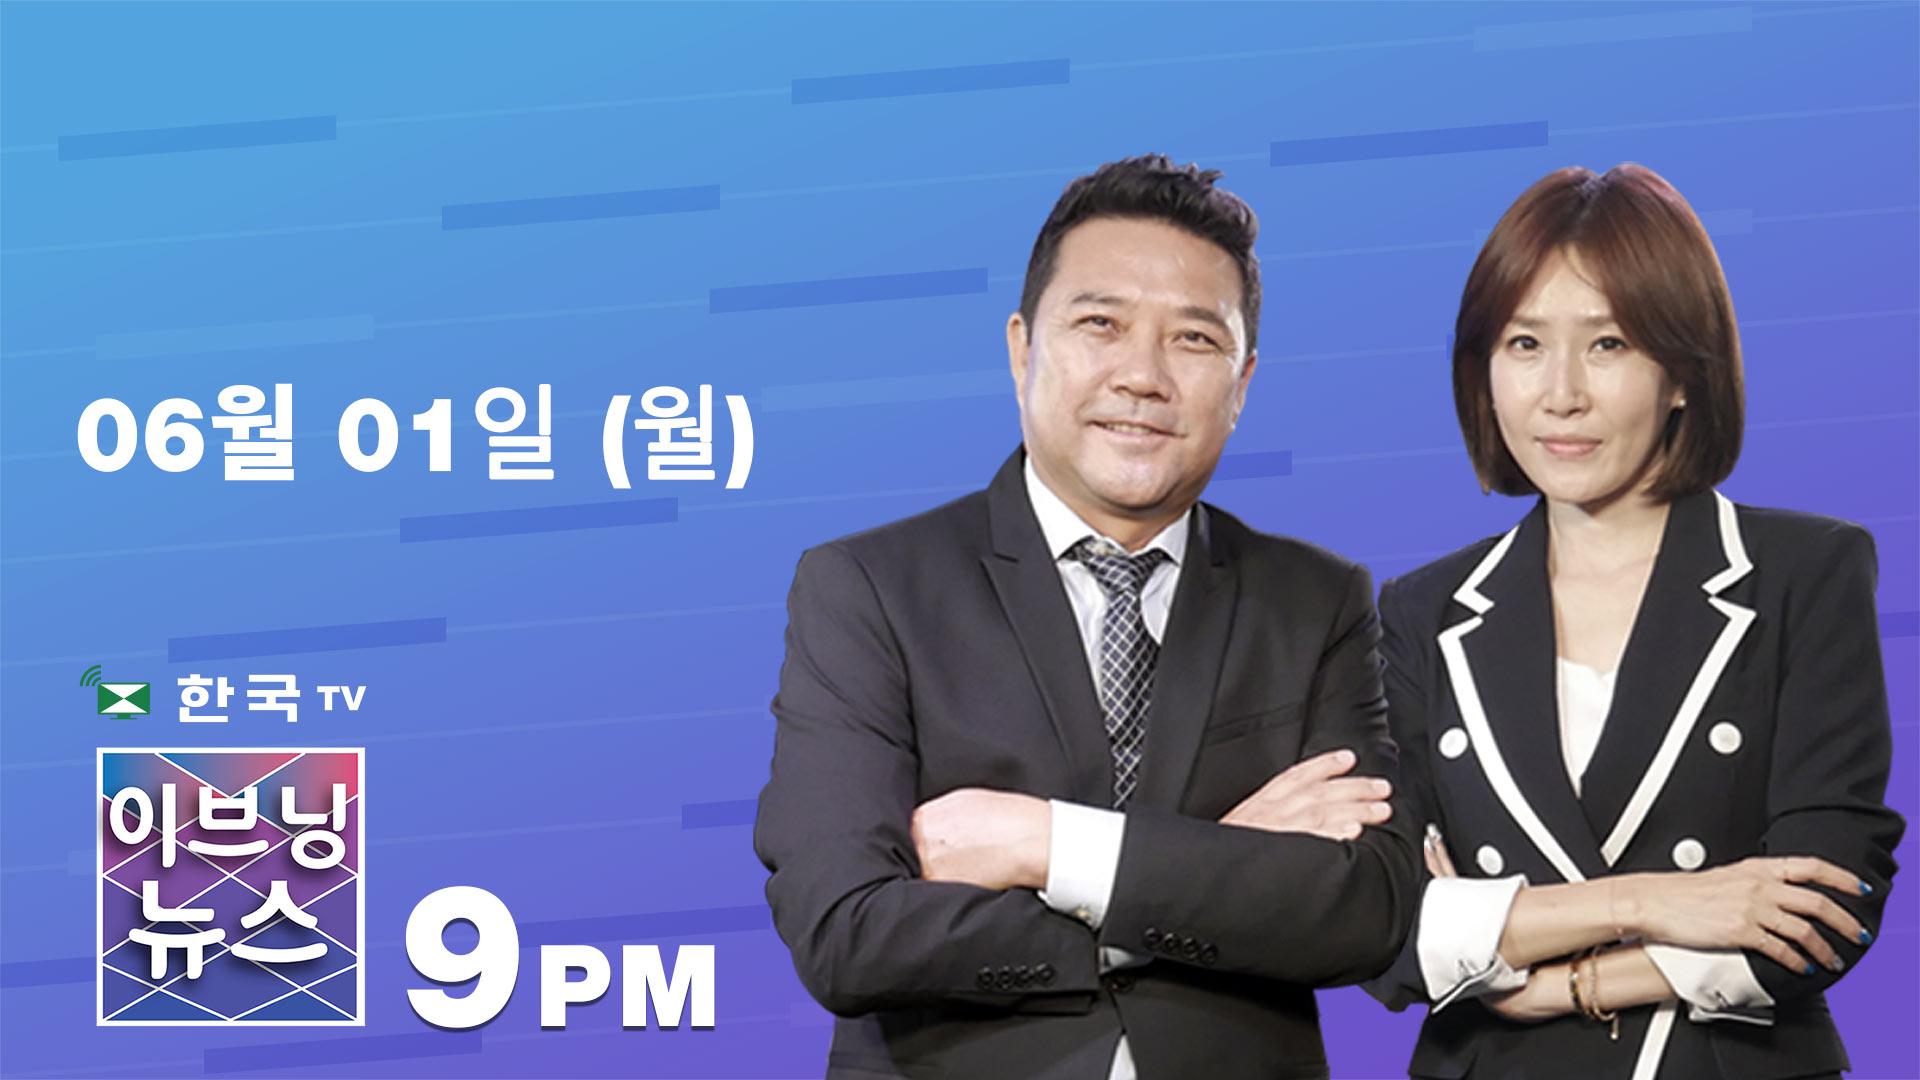 (06.01.2020) 한국TV 이브닝 뉴스